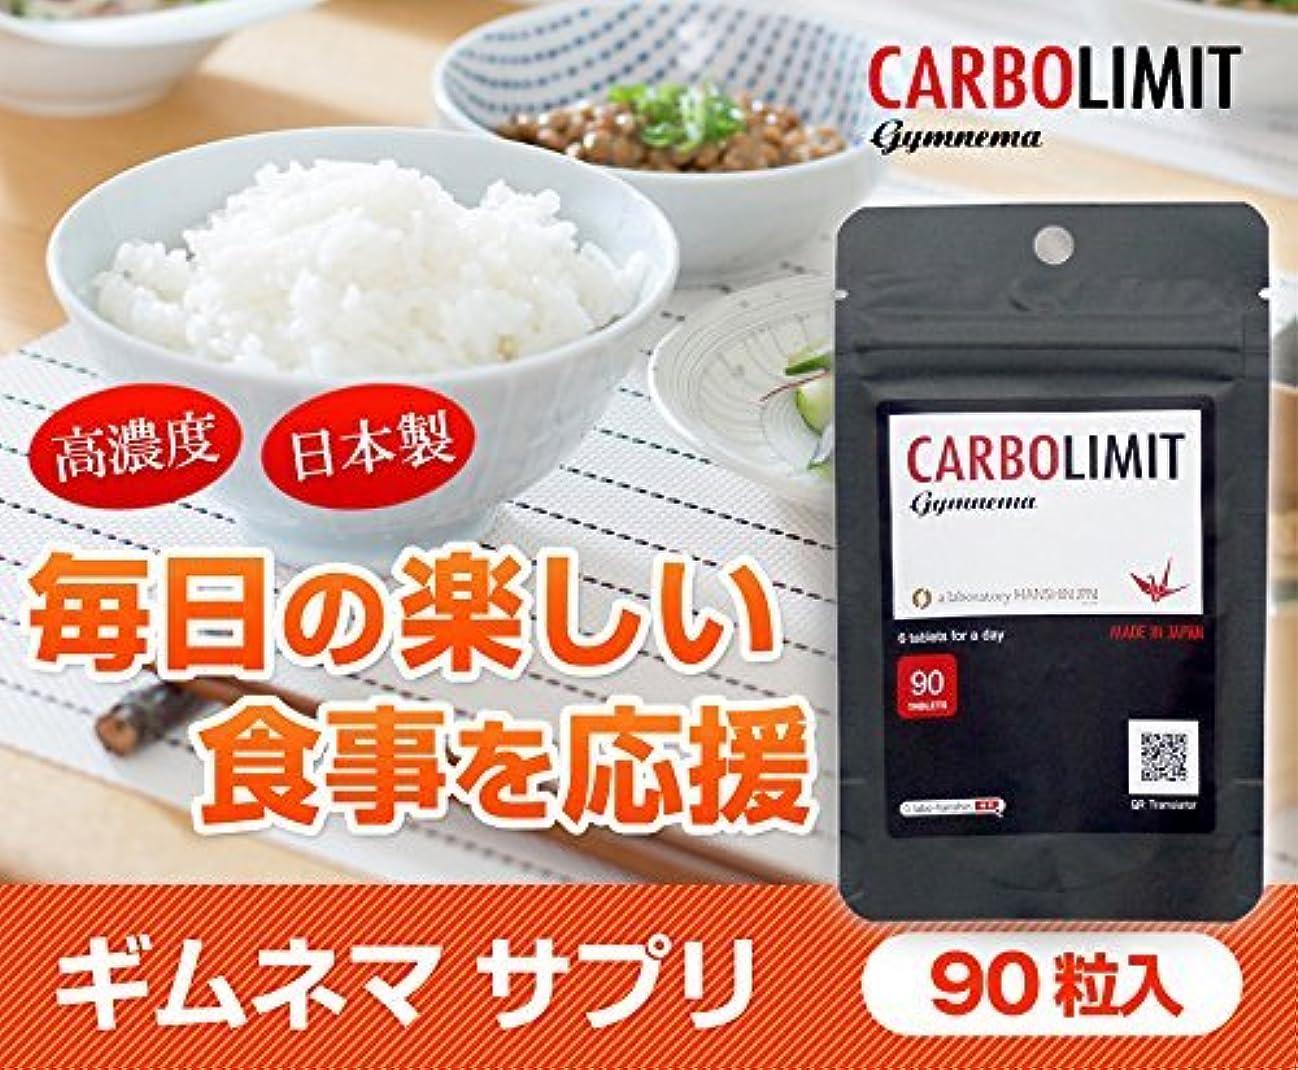 夜の動物園仕方主婦糖質制限 ギムネマ サプリ CARBO LIMIT 日本製 高濃度 3倍濃縮 ギムネマシルベスタ 配合 90粒 約30日分 なかったことに